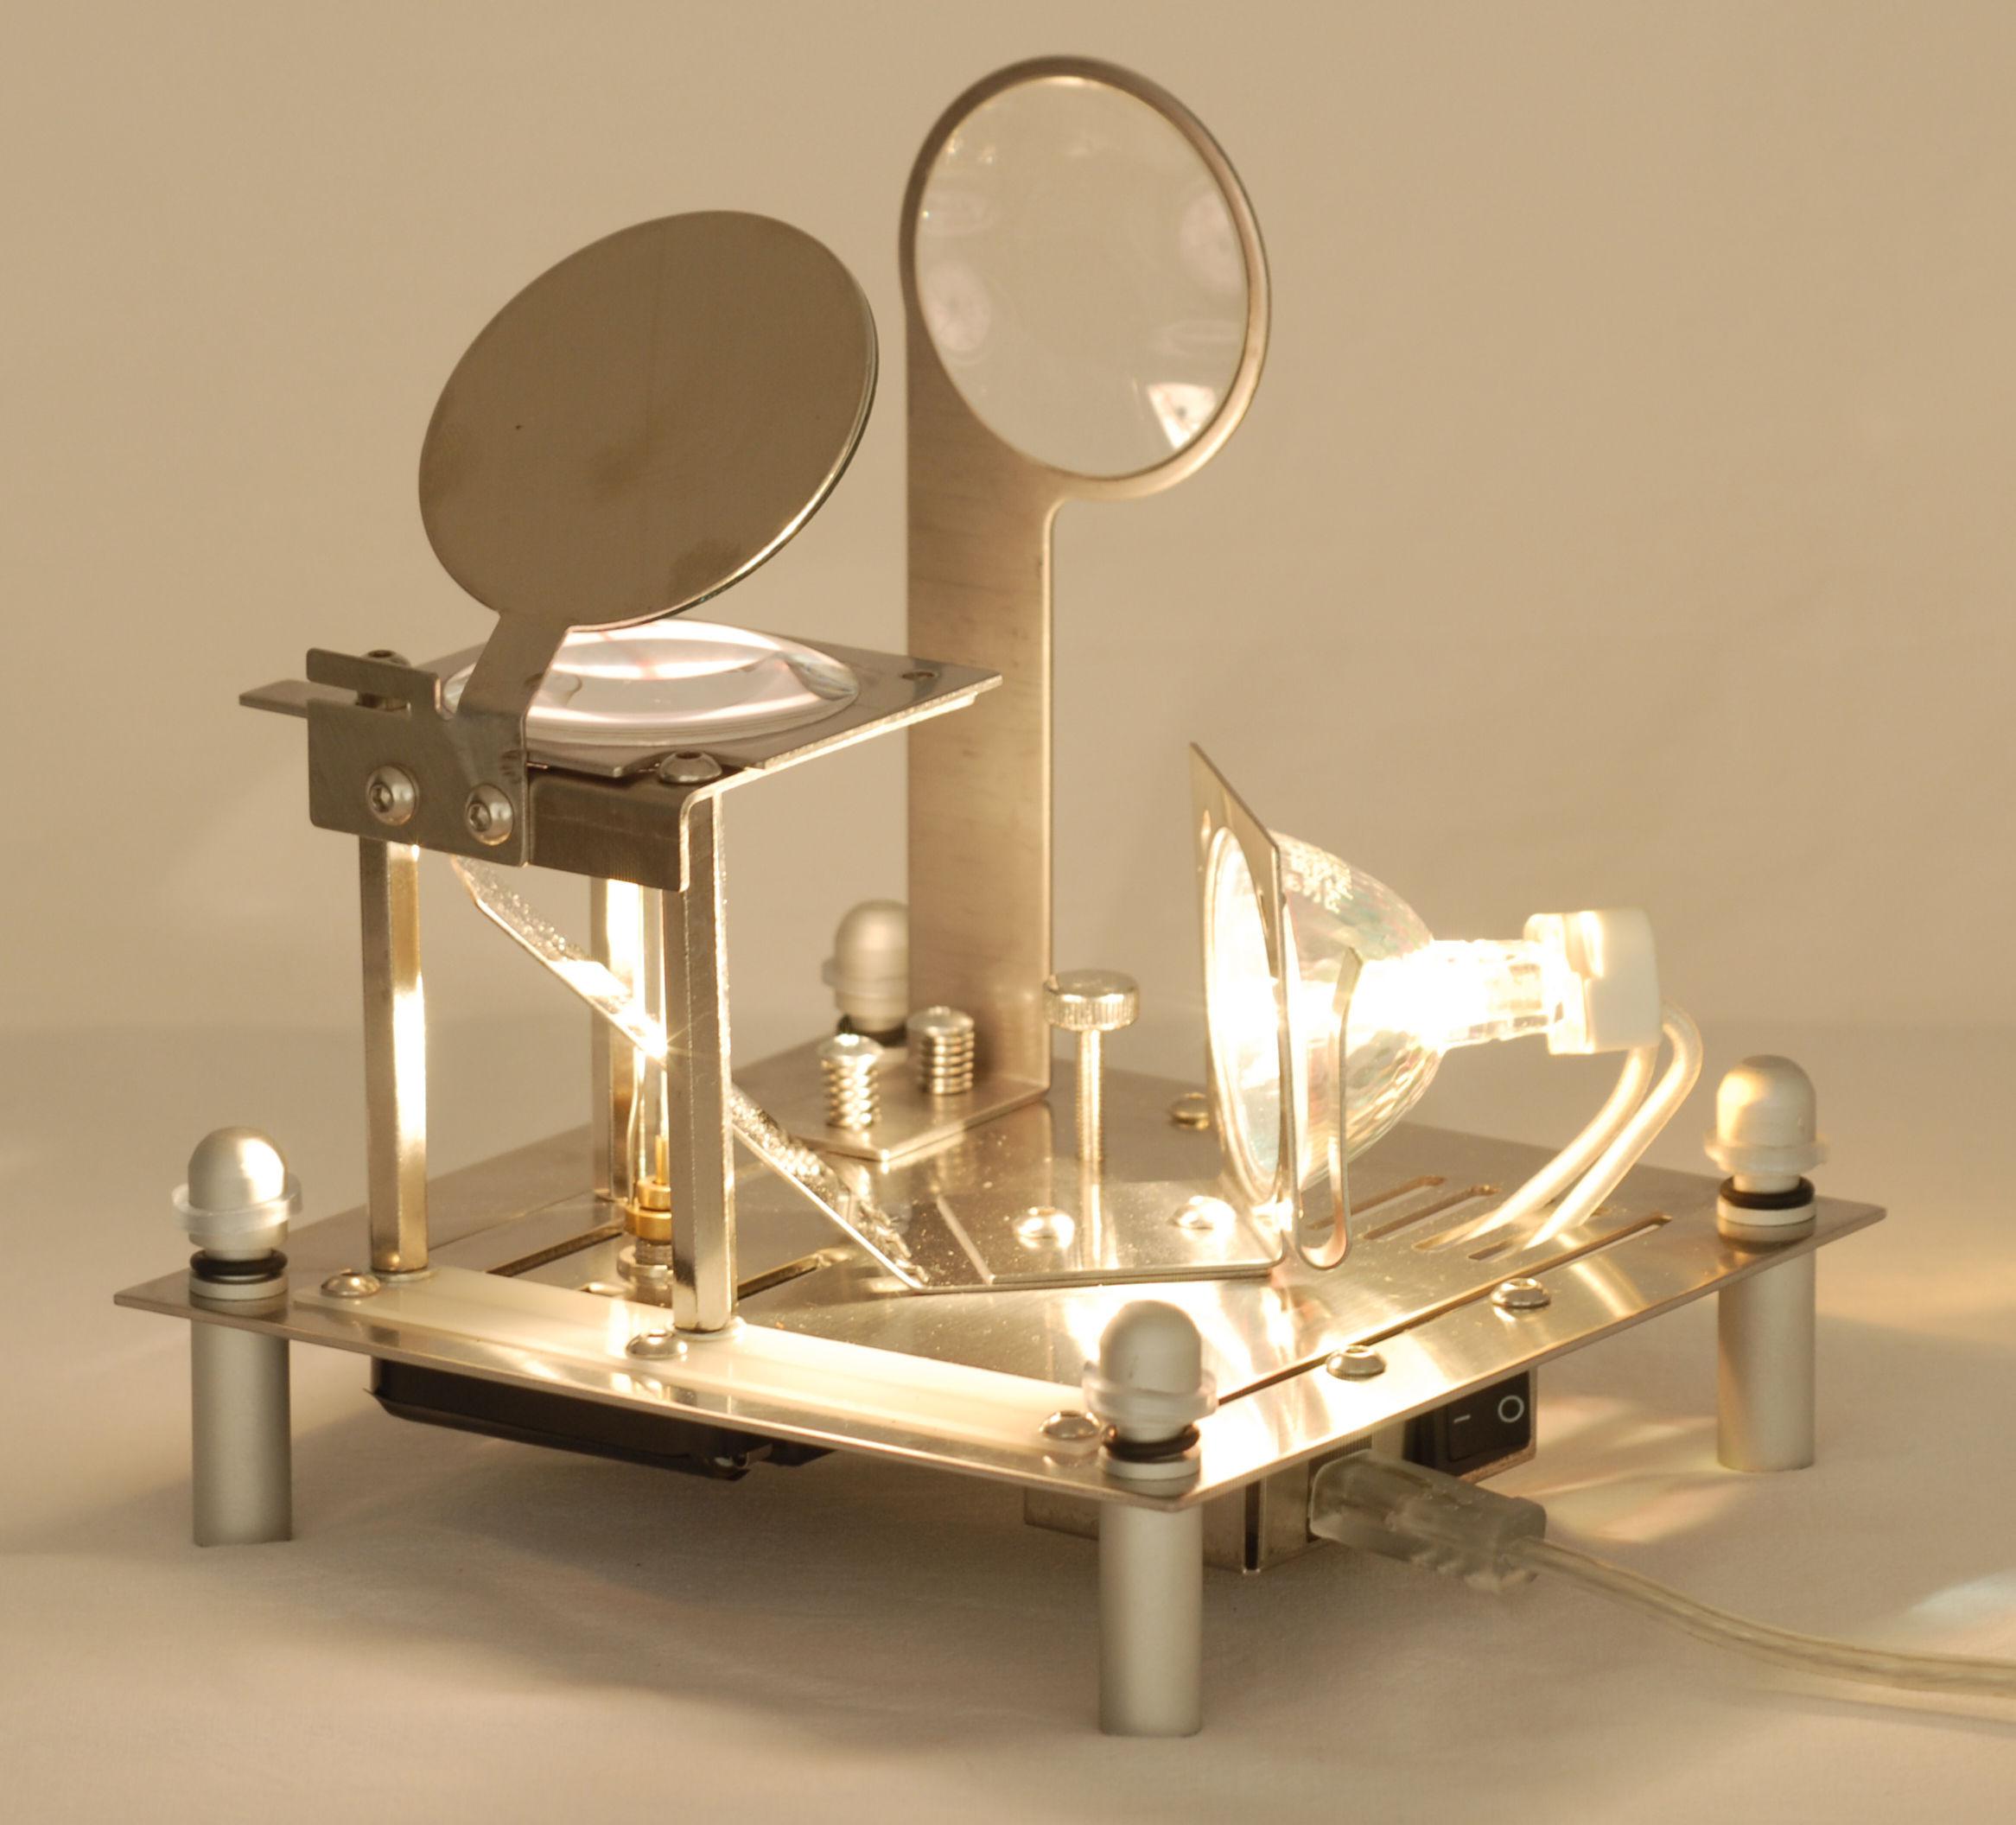 Cube miroir lampada da tavolo specchio by designheure made in design - Specchio da tavolo ...